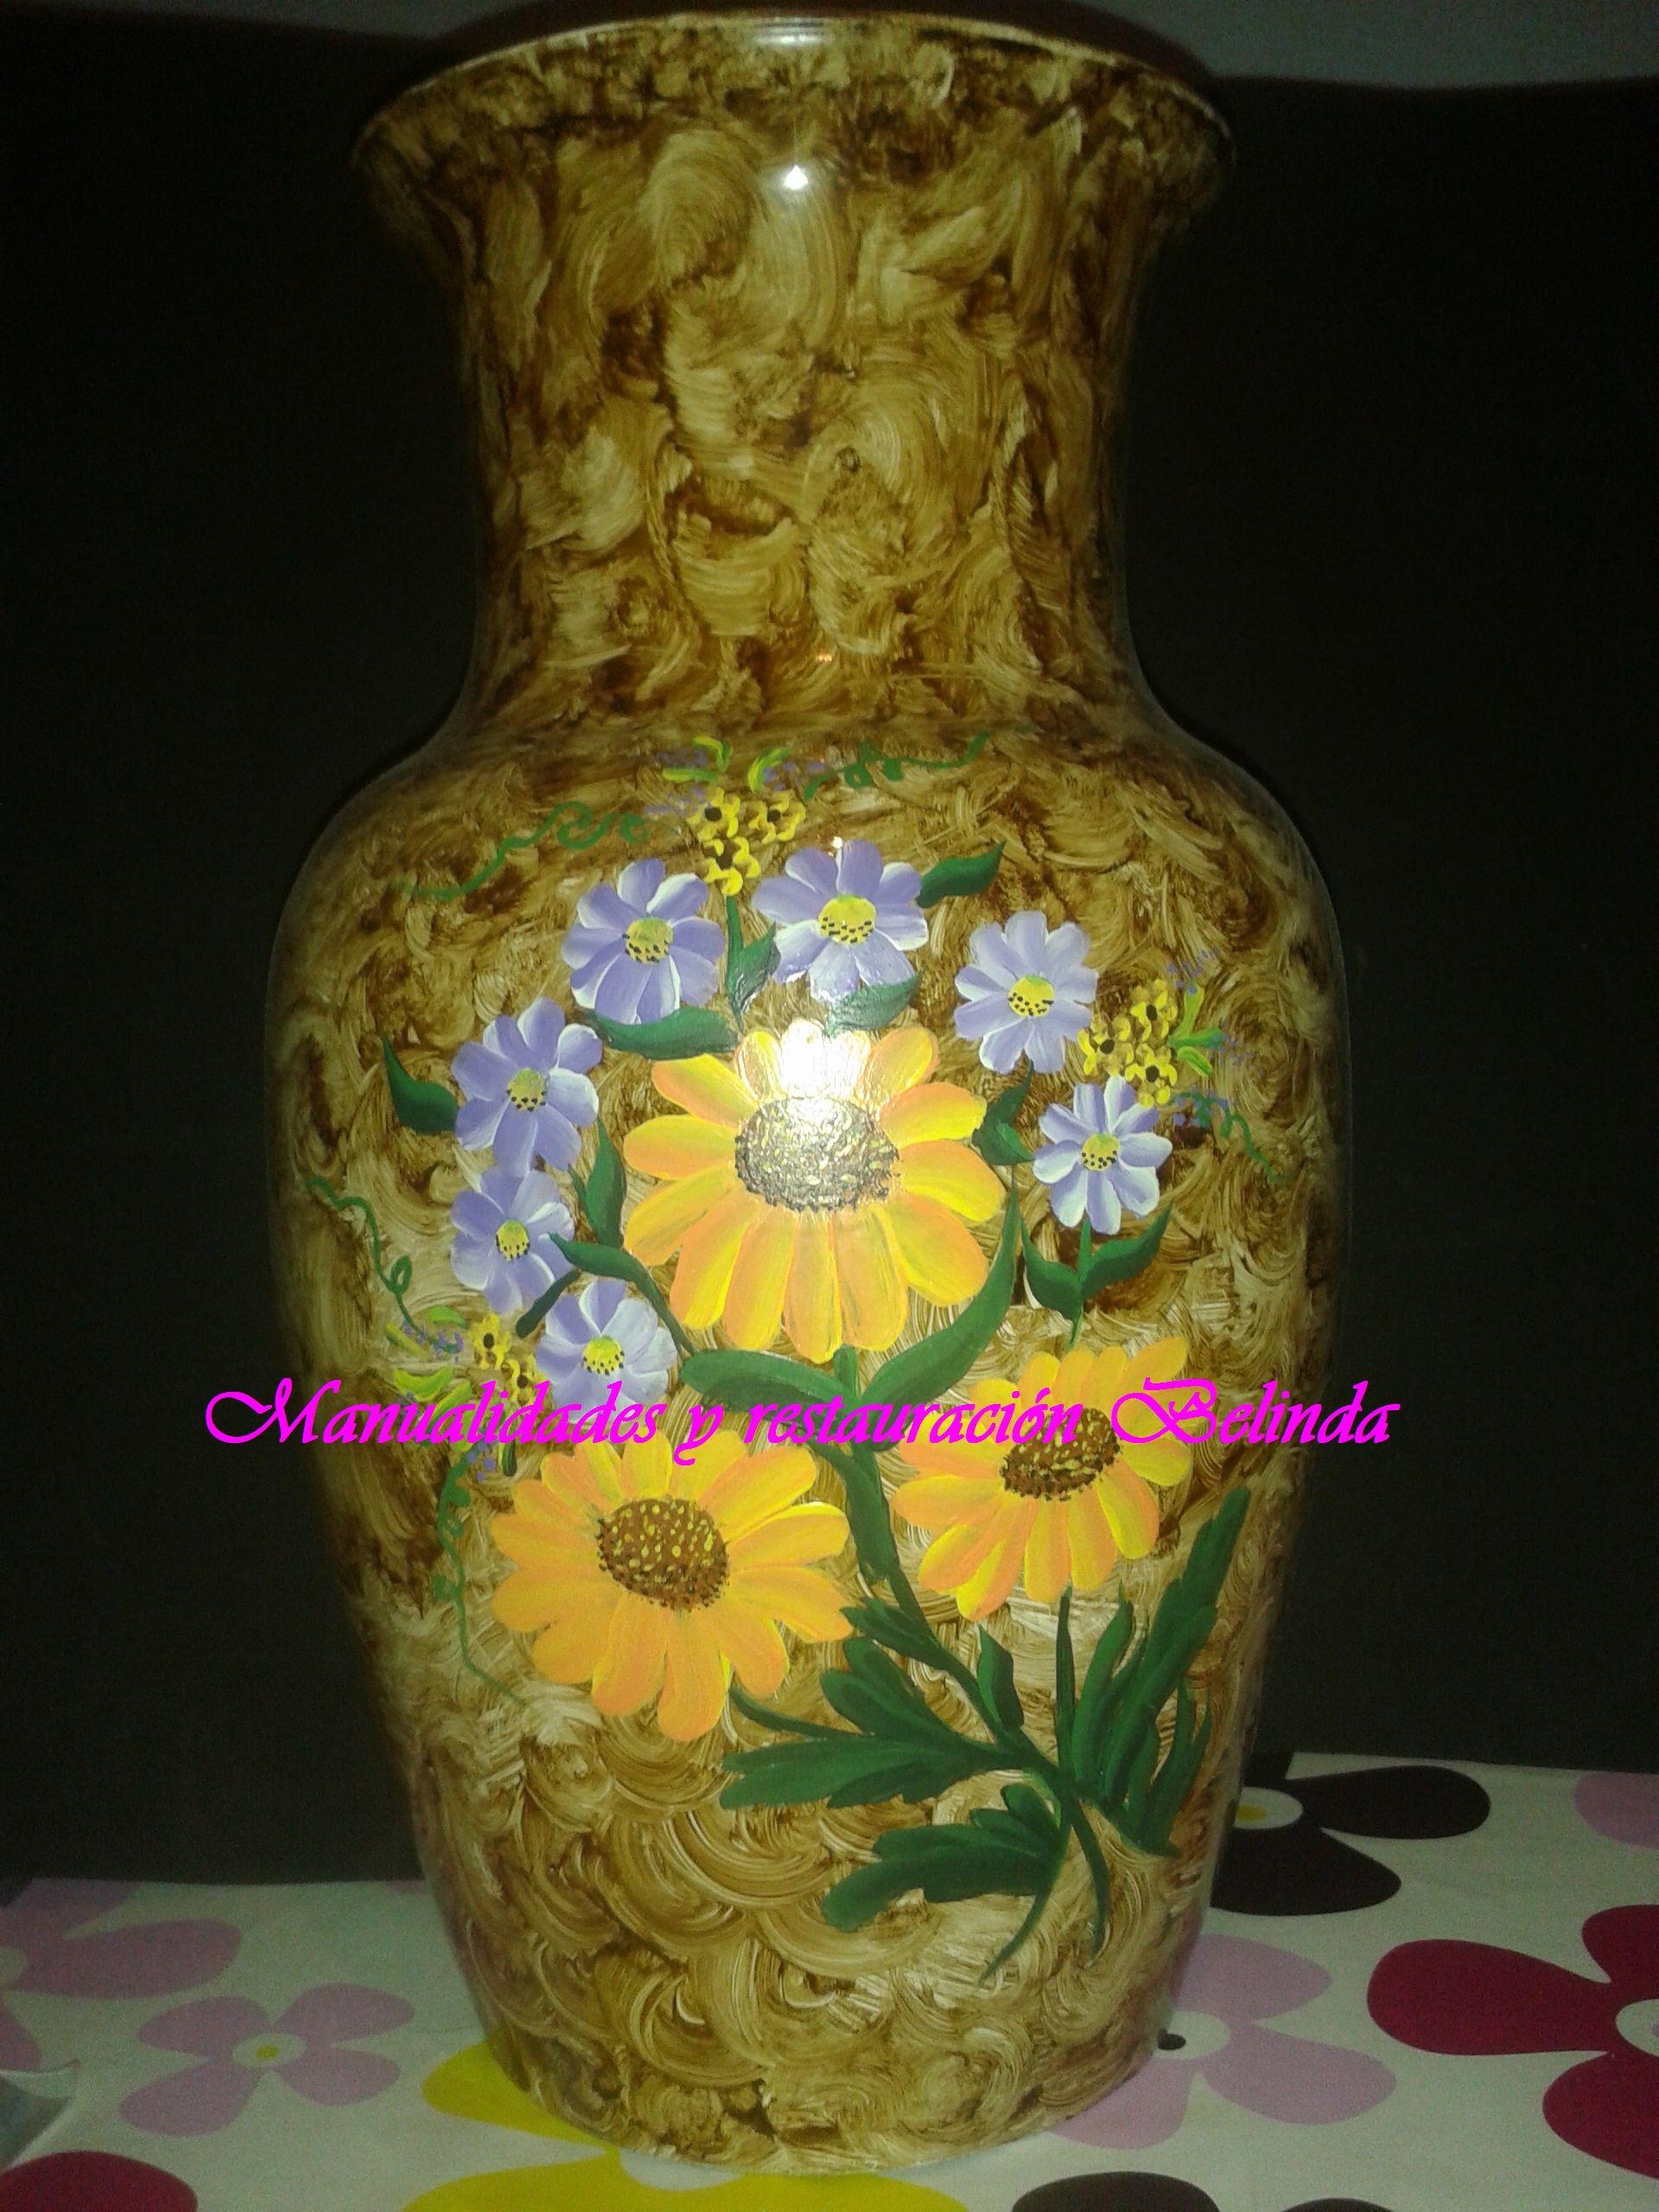 Jarrón de cristal decorado con betún de judea imitando nudo de madera y un ramo de flores pintado a mano.